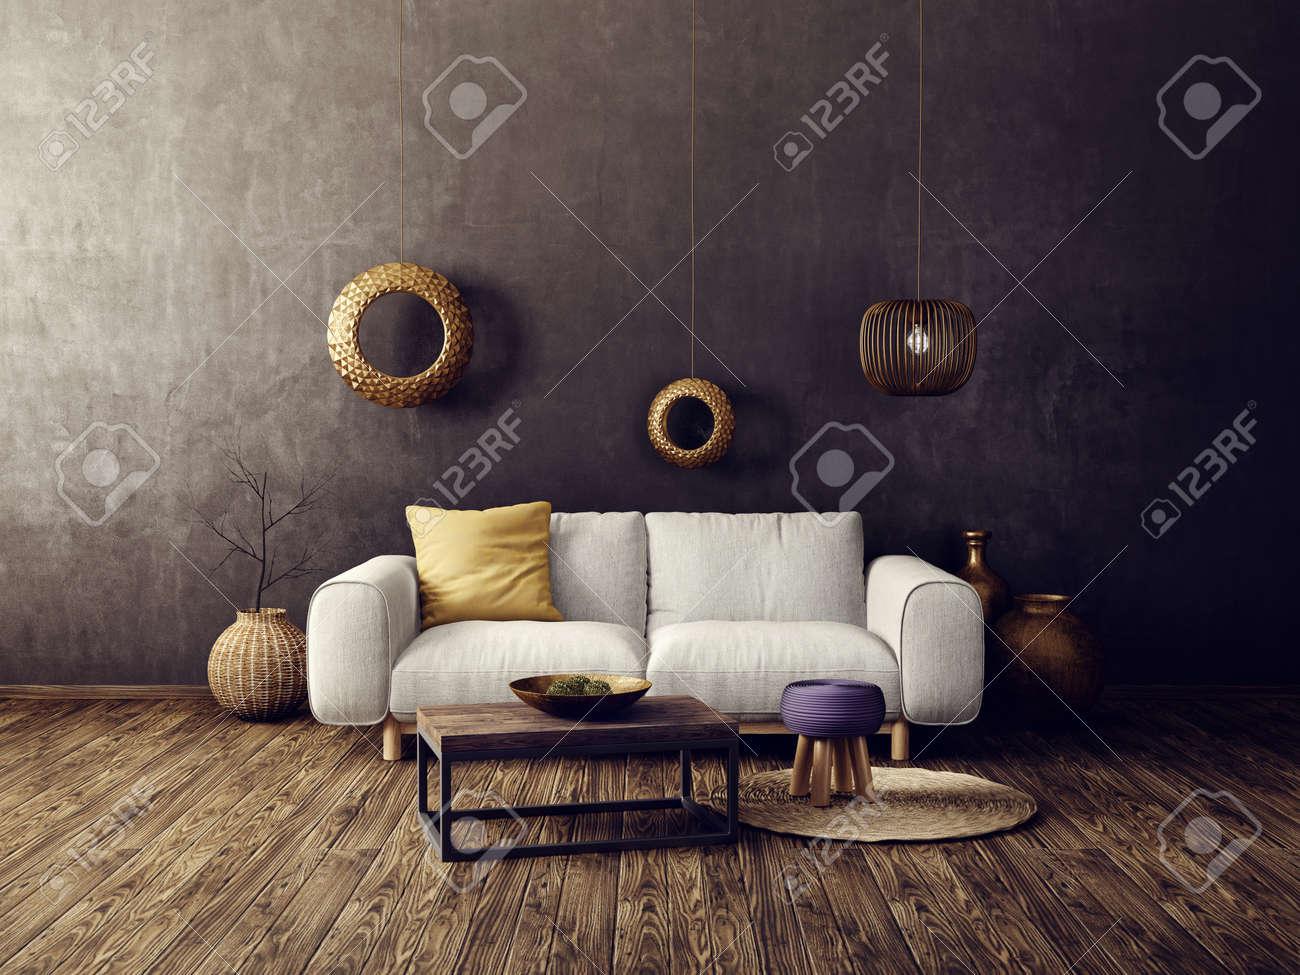 Modernes Wohnzimmer Mit Weissem Sofa Und Lampe Skandinavische